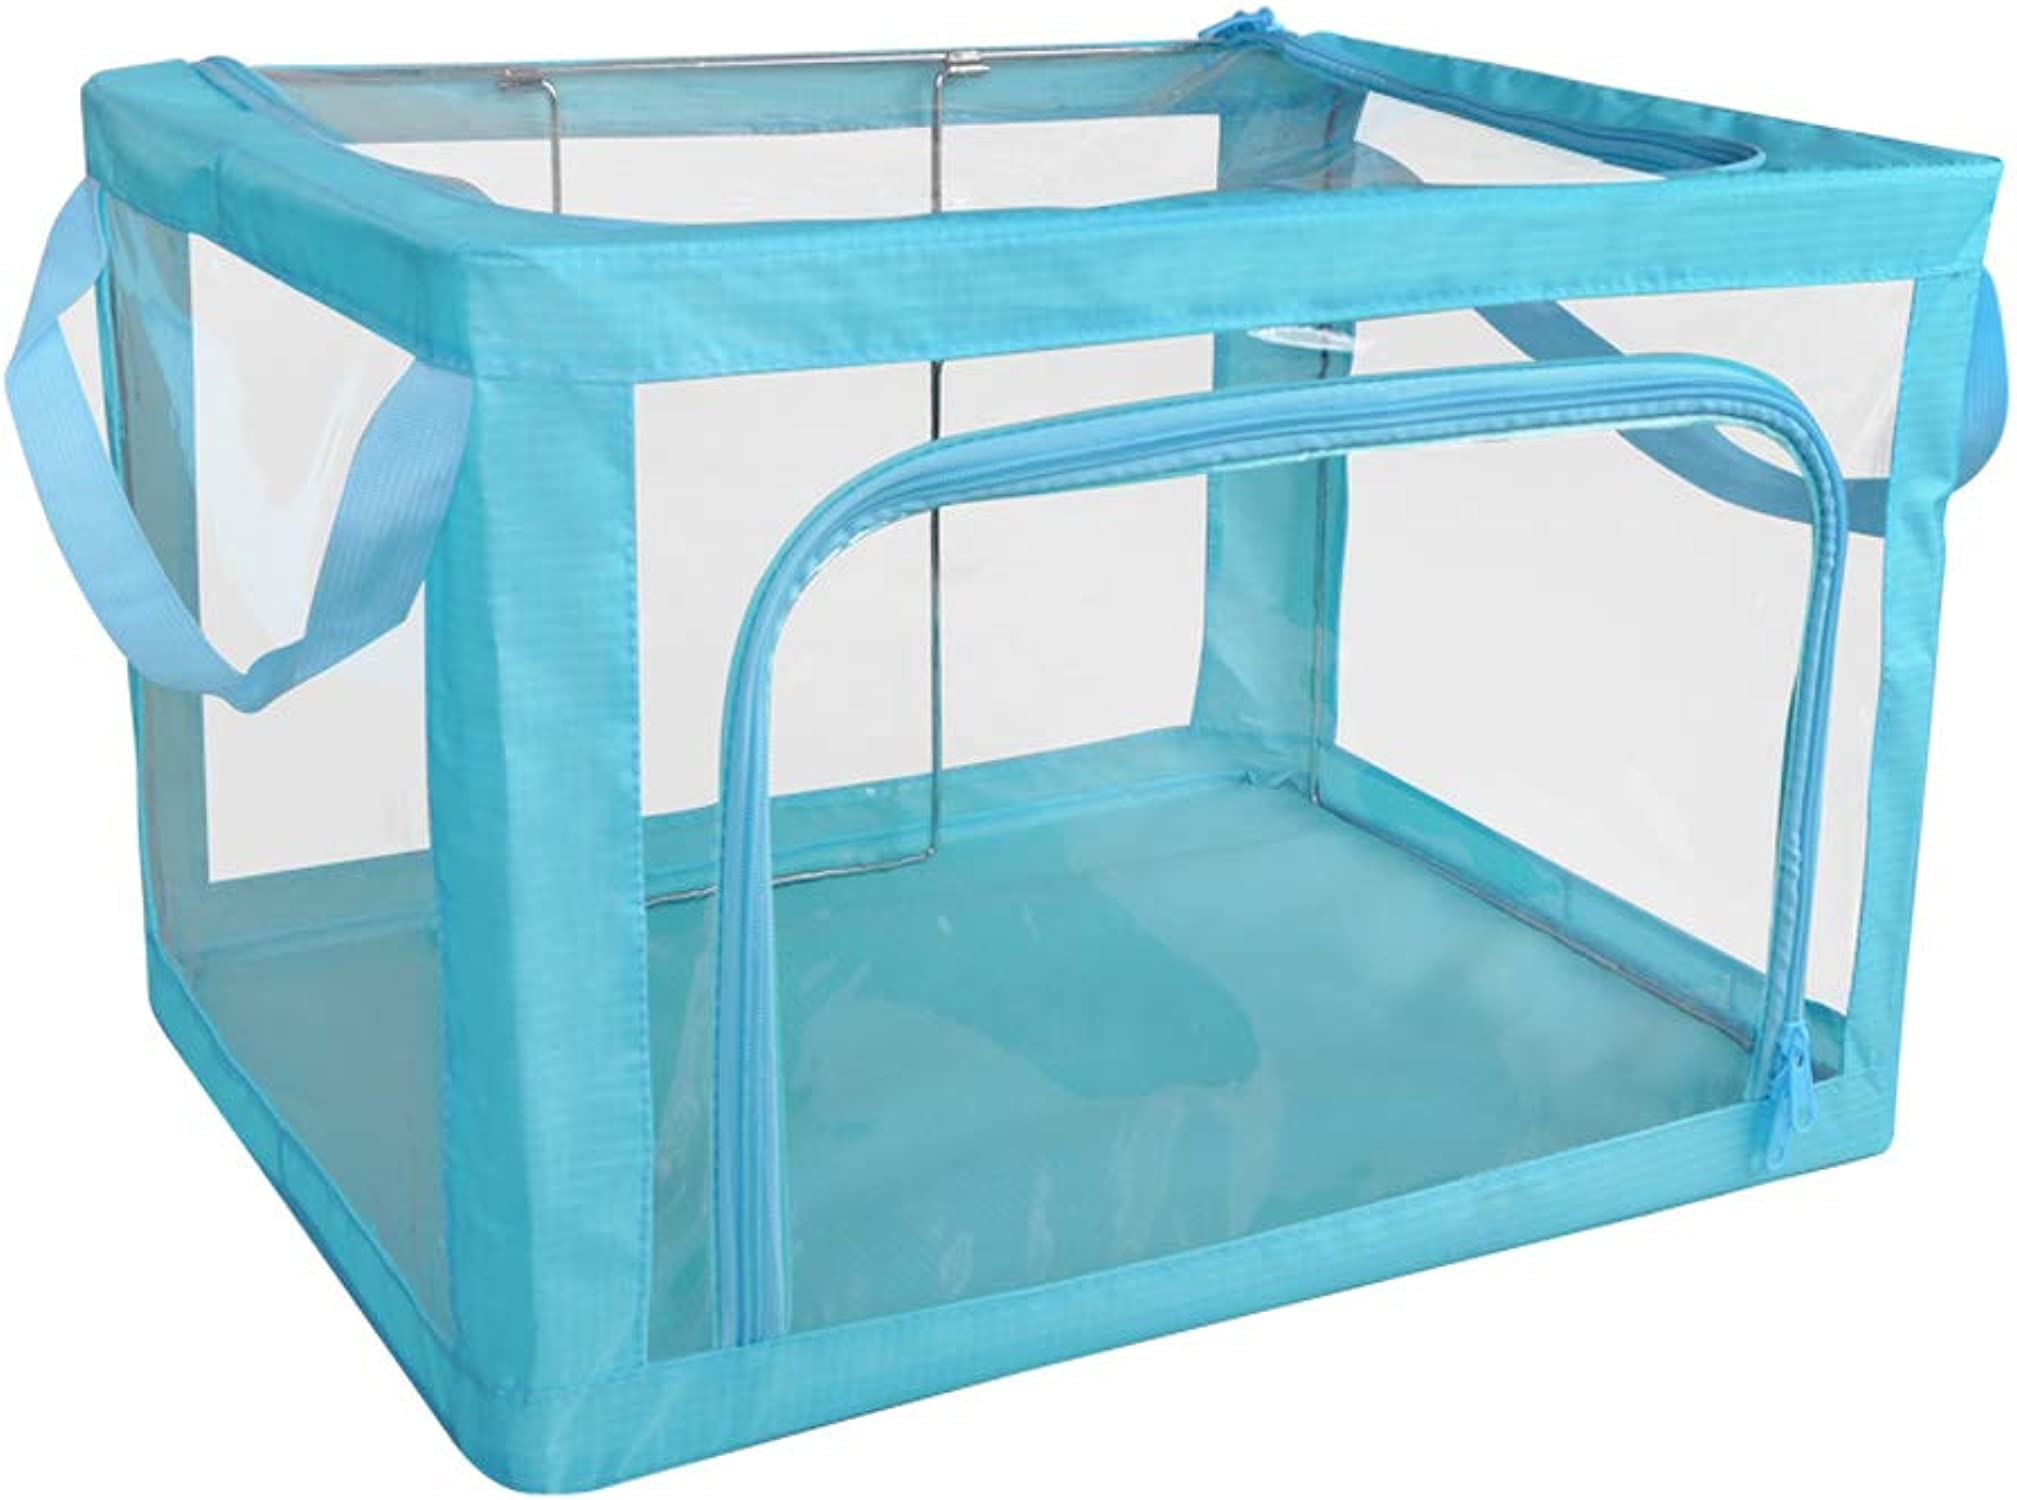 más descuento MJB Caja Caja Caja de Almacenamiento Plegable Transparente de la Ropa, Caja de Almacenamiento de Acero del pao de Oxford, guardarropa, cabecera (Color   azul)  alta calidad y envío rápido